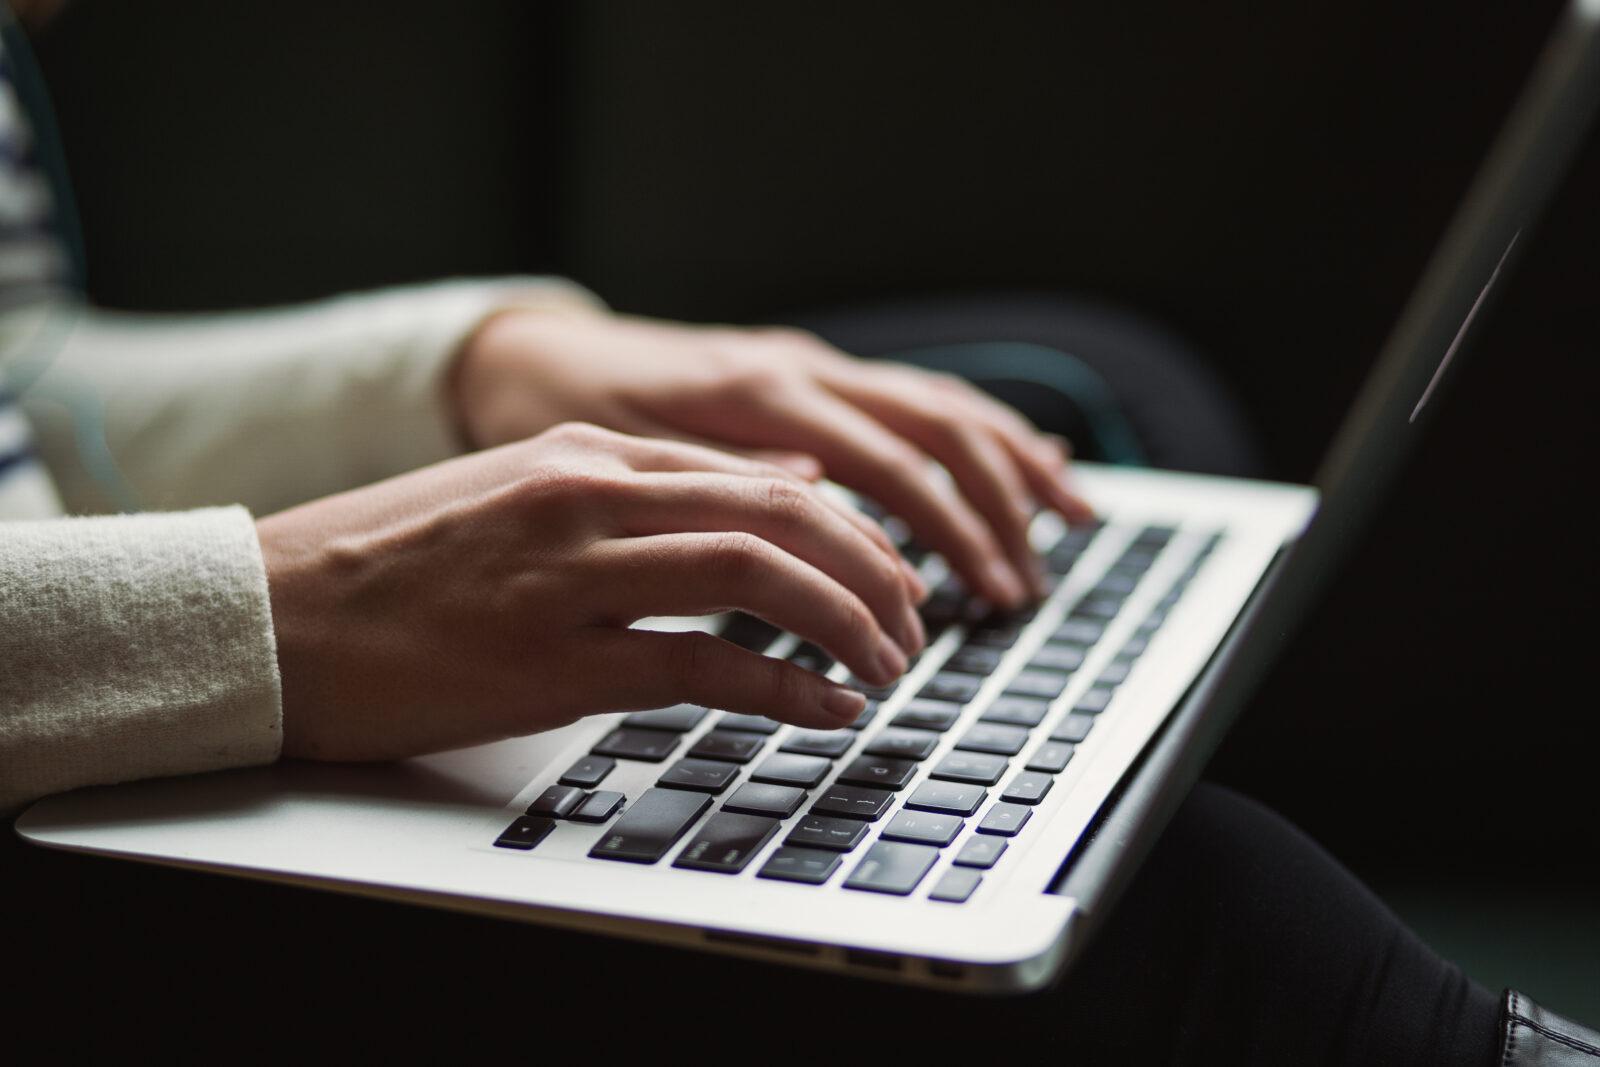 Opdateret samtykkevejledning fra EDPB – enkelte præciseringer med relevans for hjemmesider og Apps